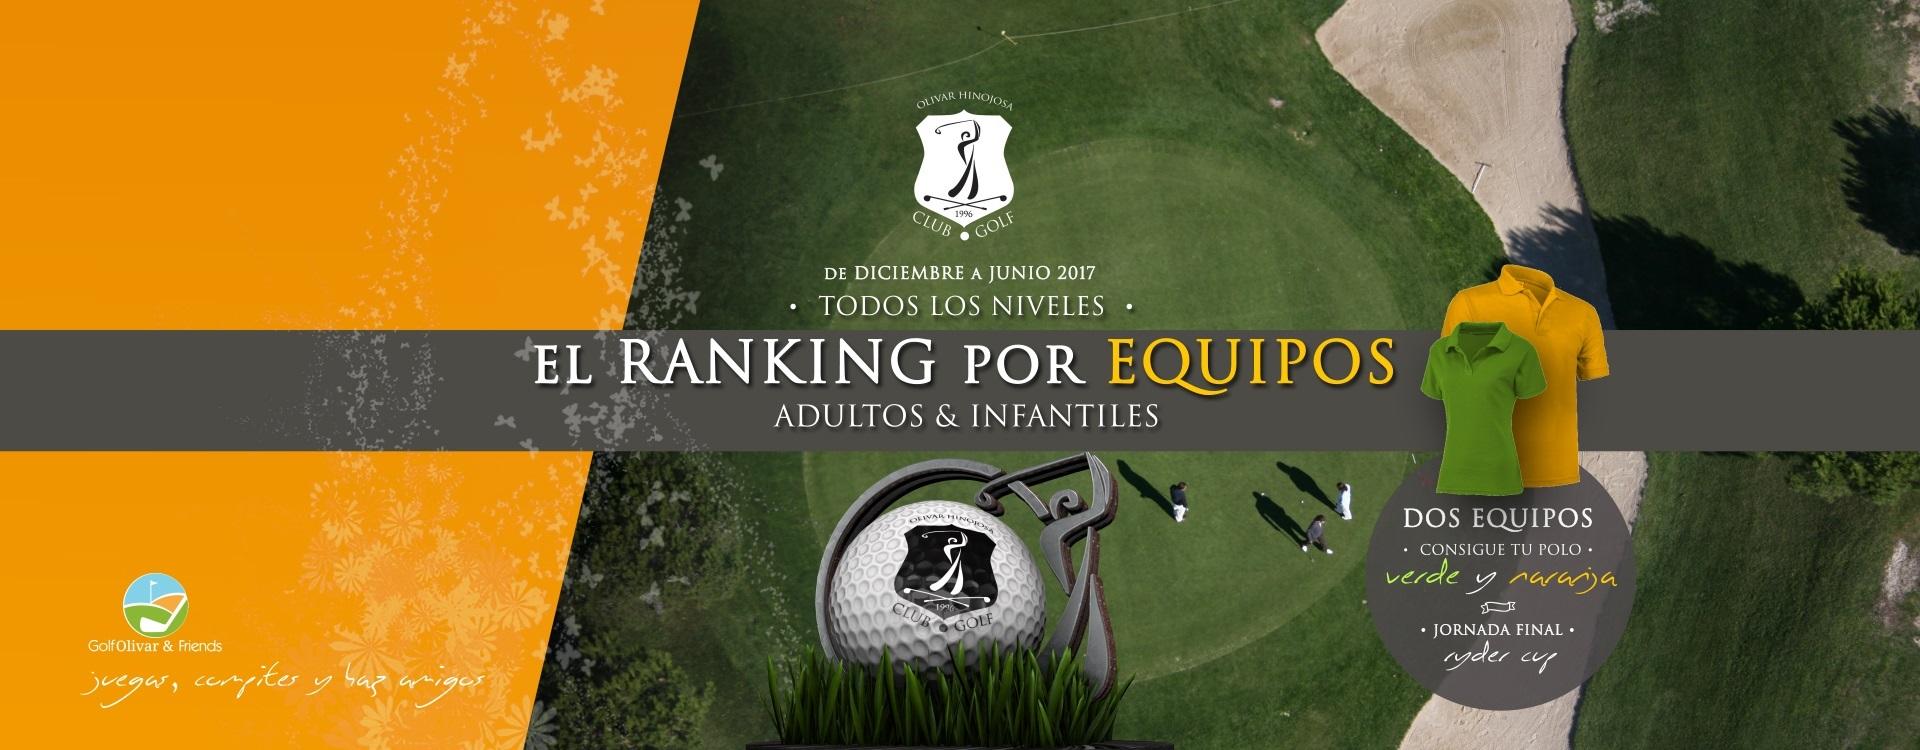 golf-olivar-friends-olivar-de-la-hinojosa-campo-de-las-naciones-madrid-cartel-torneos-v2-banner